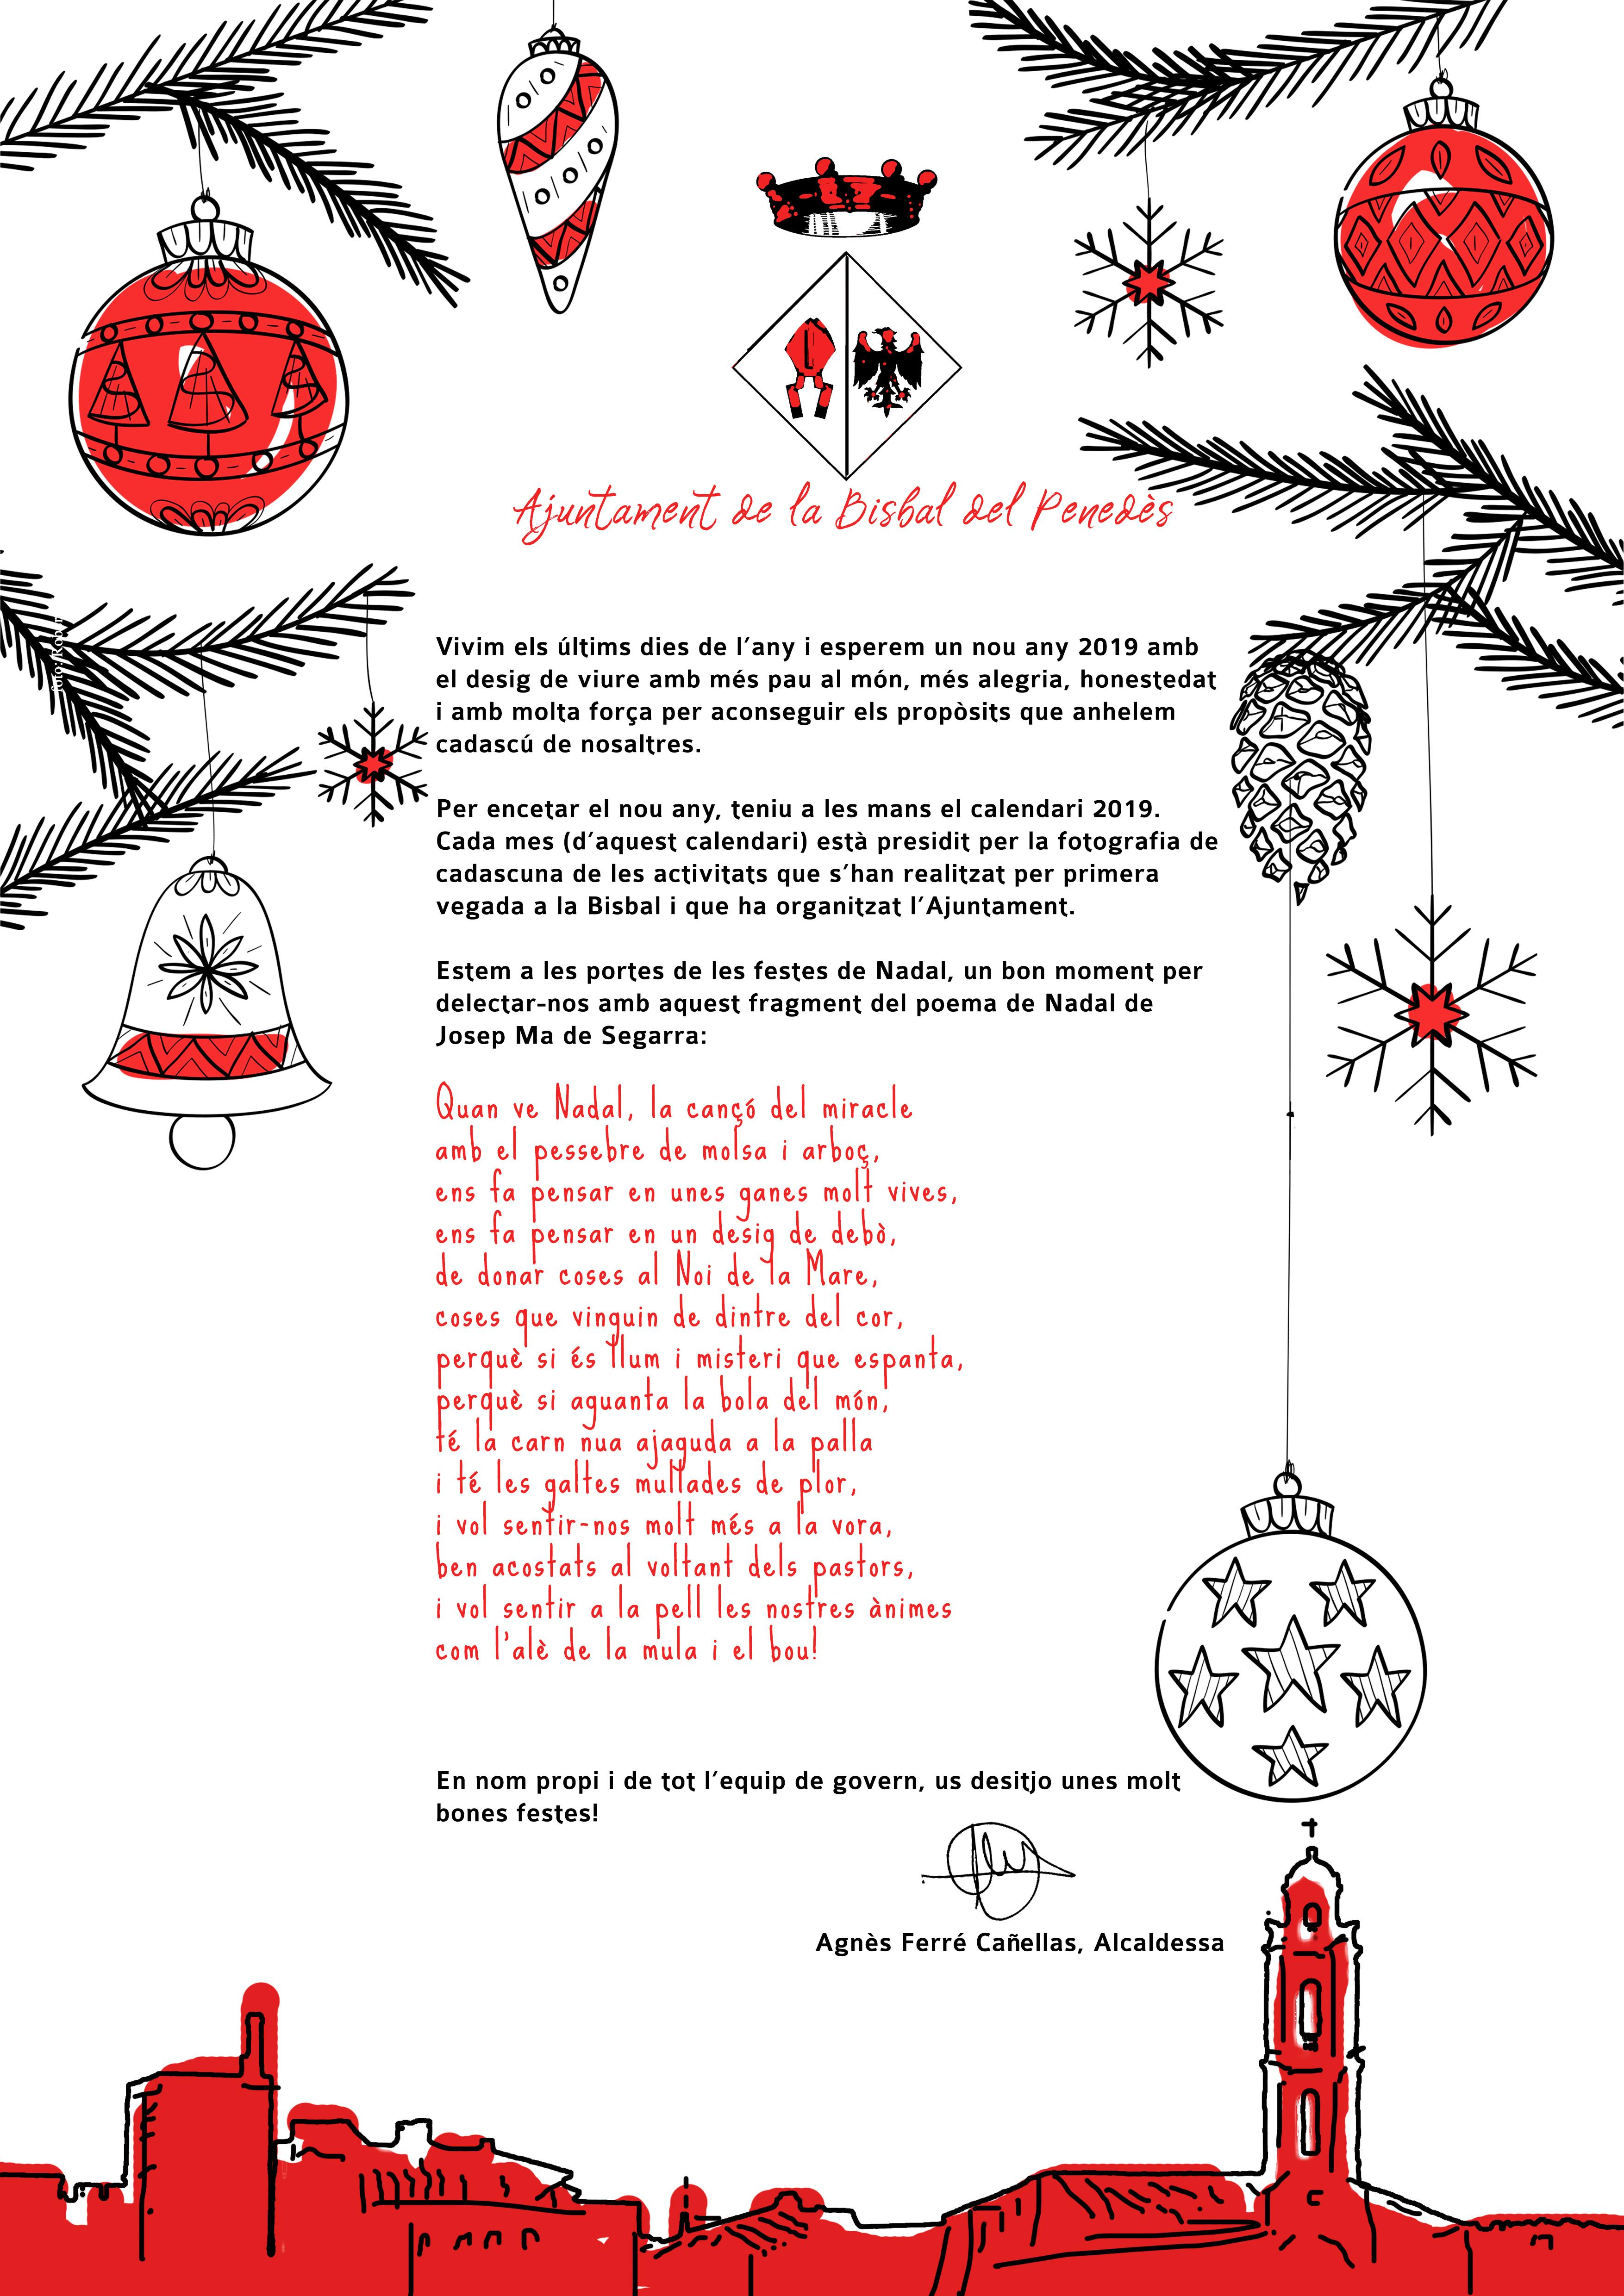 L'alcaldessa us desitja bones festes i us convida a recollir el calendari que edita l'Ajuntament